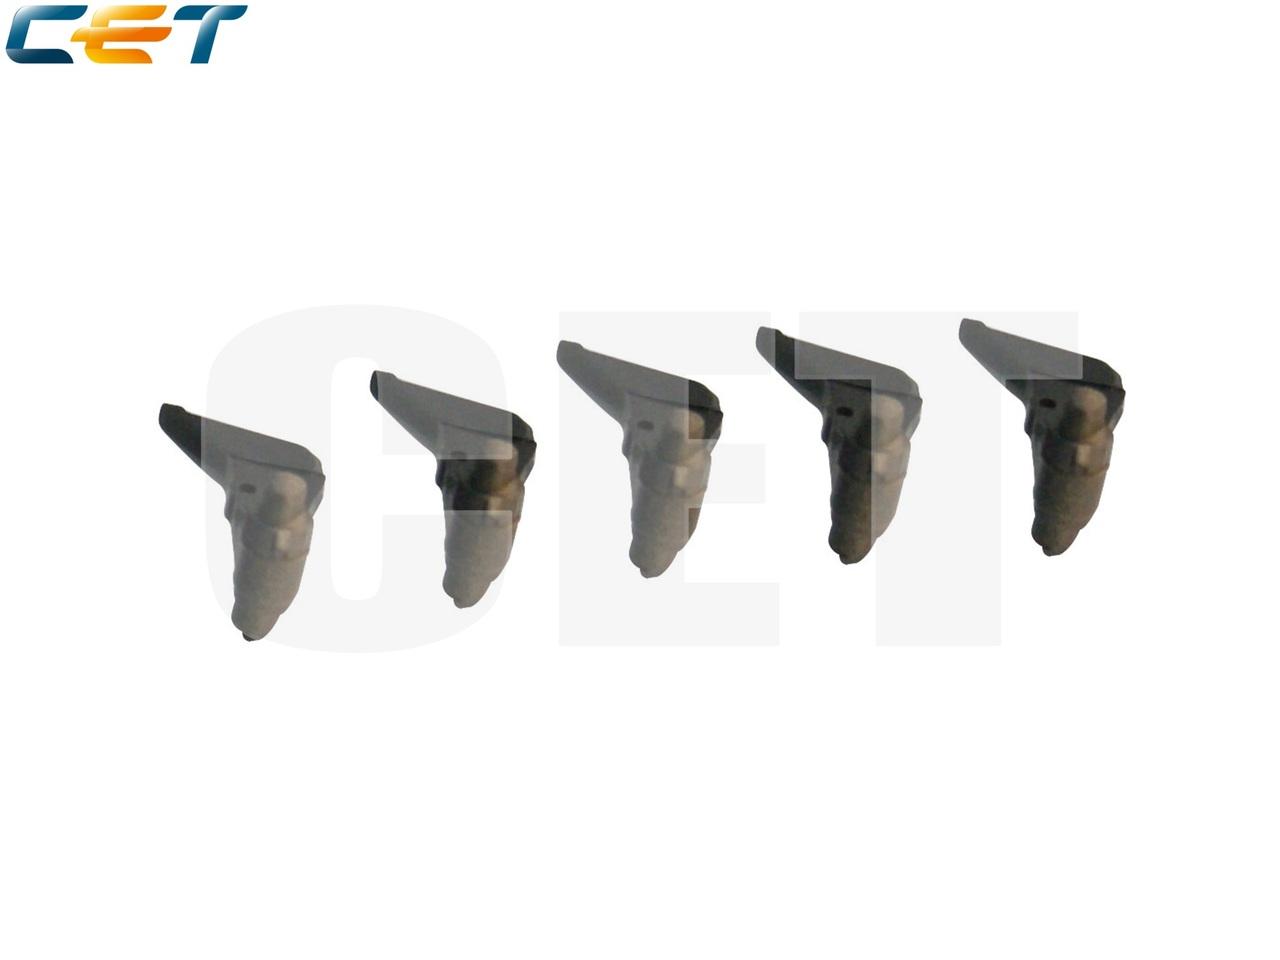 Сепаратор тефлонового вала для XEROX WorkCentre5325/5330/5335 (CET), CET3525